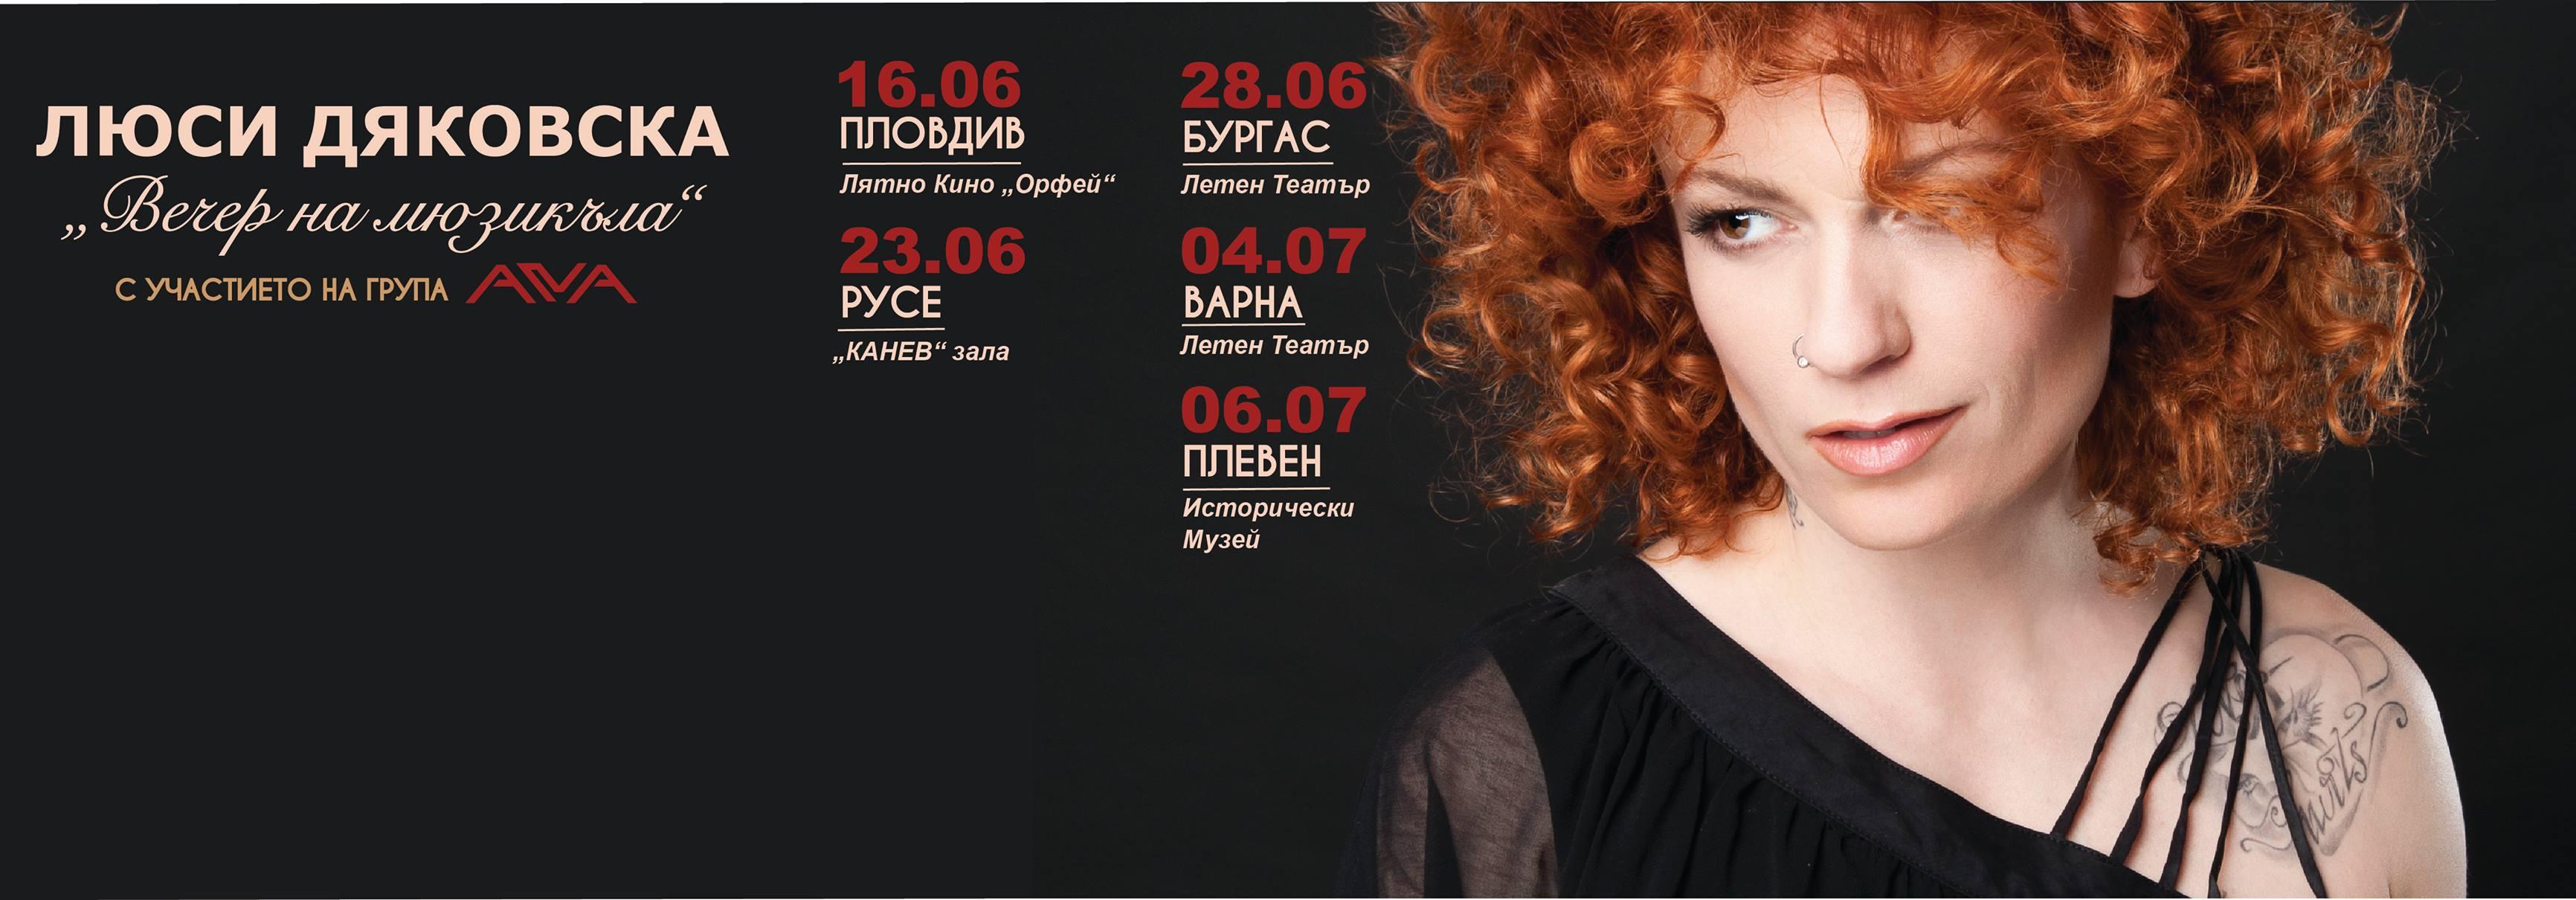 Вечер на Мюзикъла с Люси  Дяковска